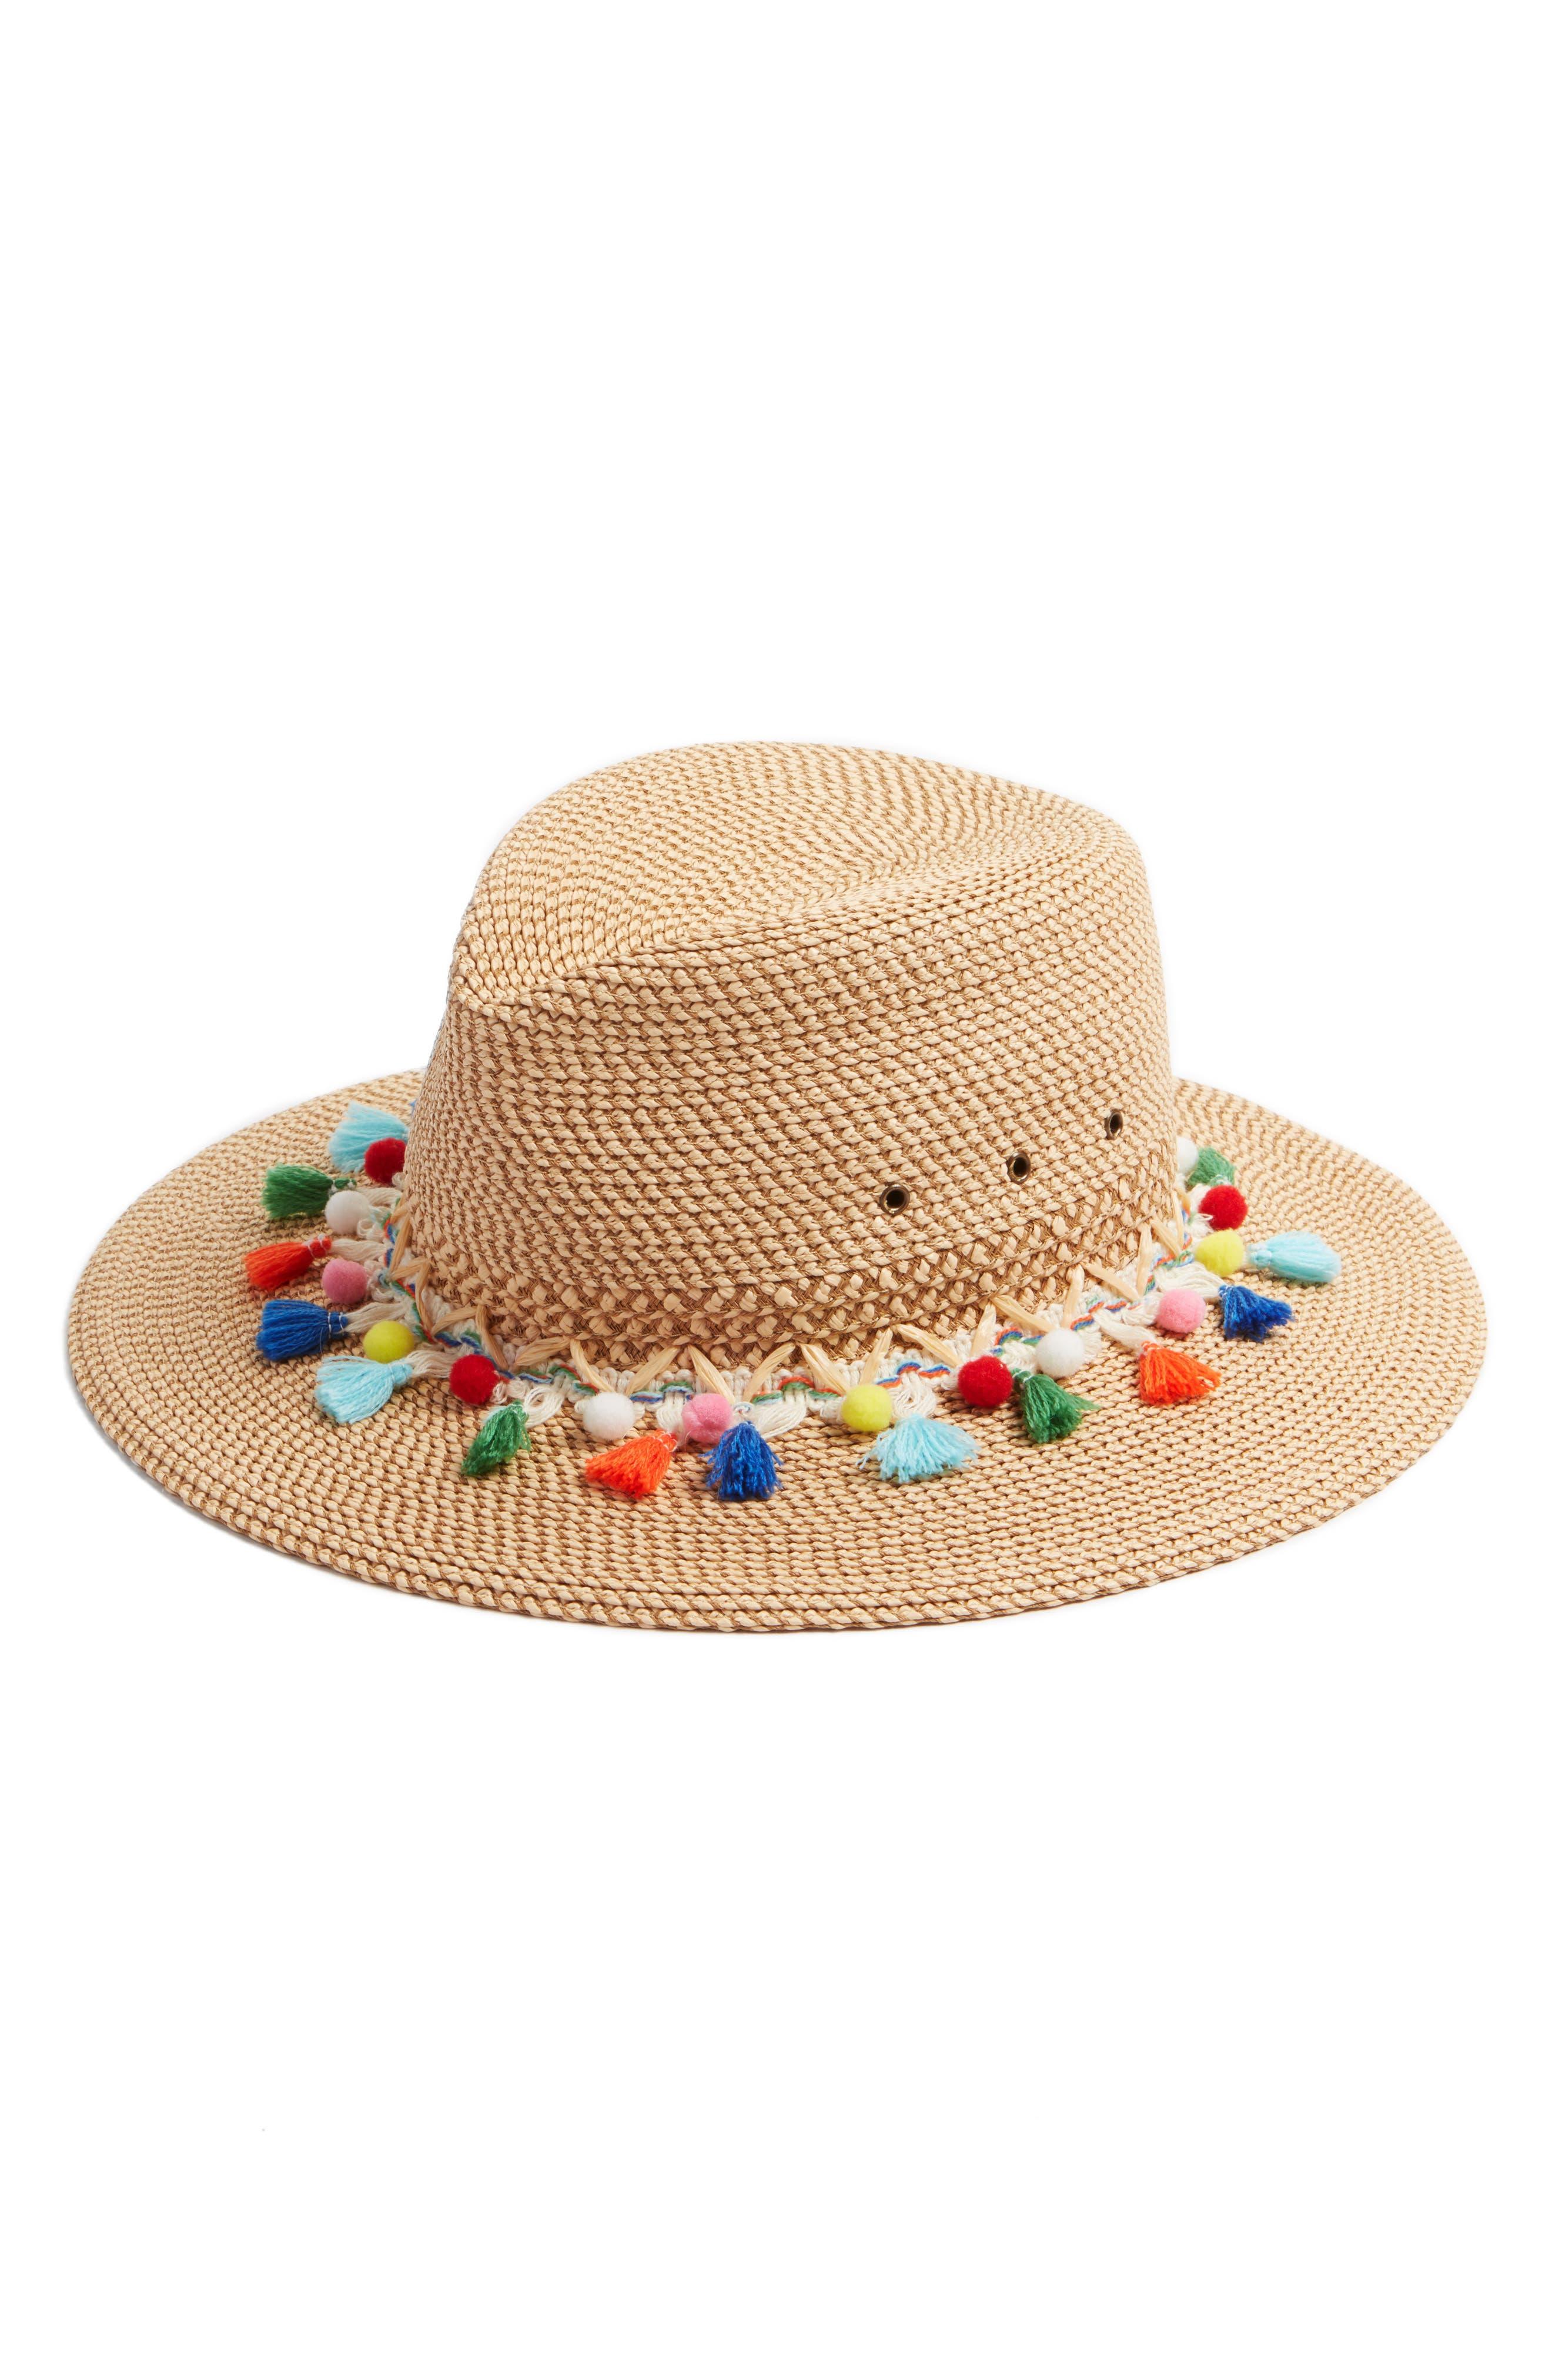 Alternate Image 1 Selected - Eric Javits Bahia Sun Hat